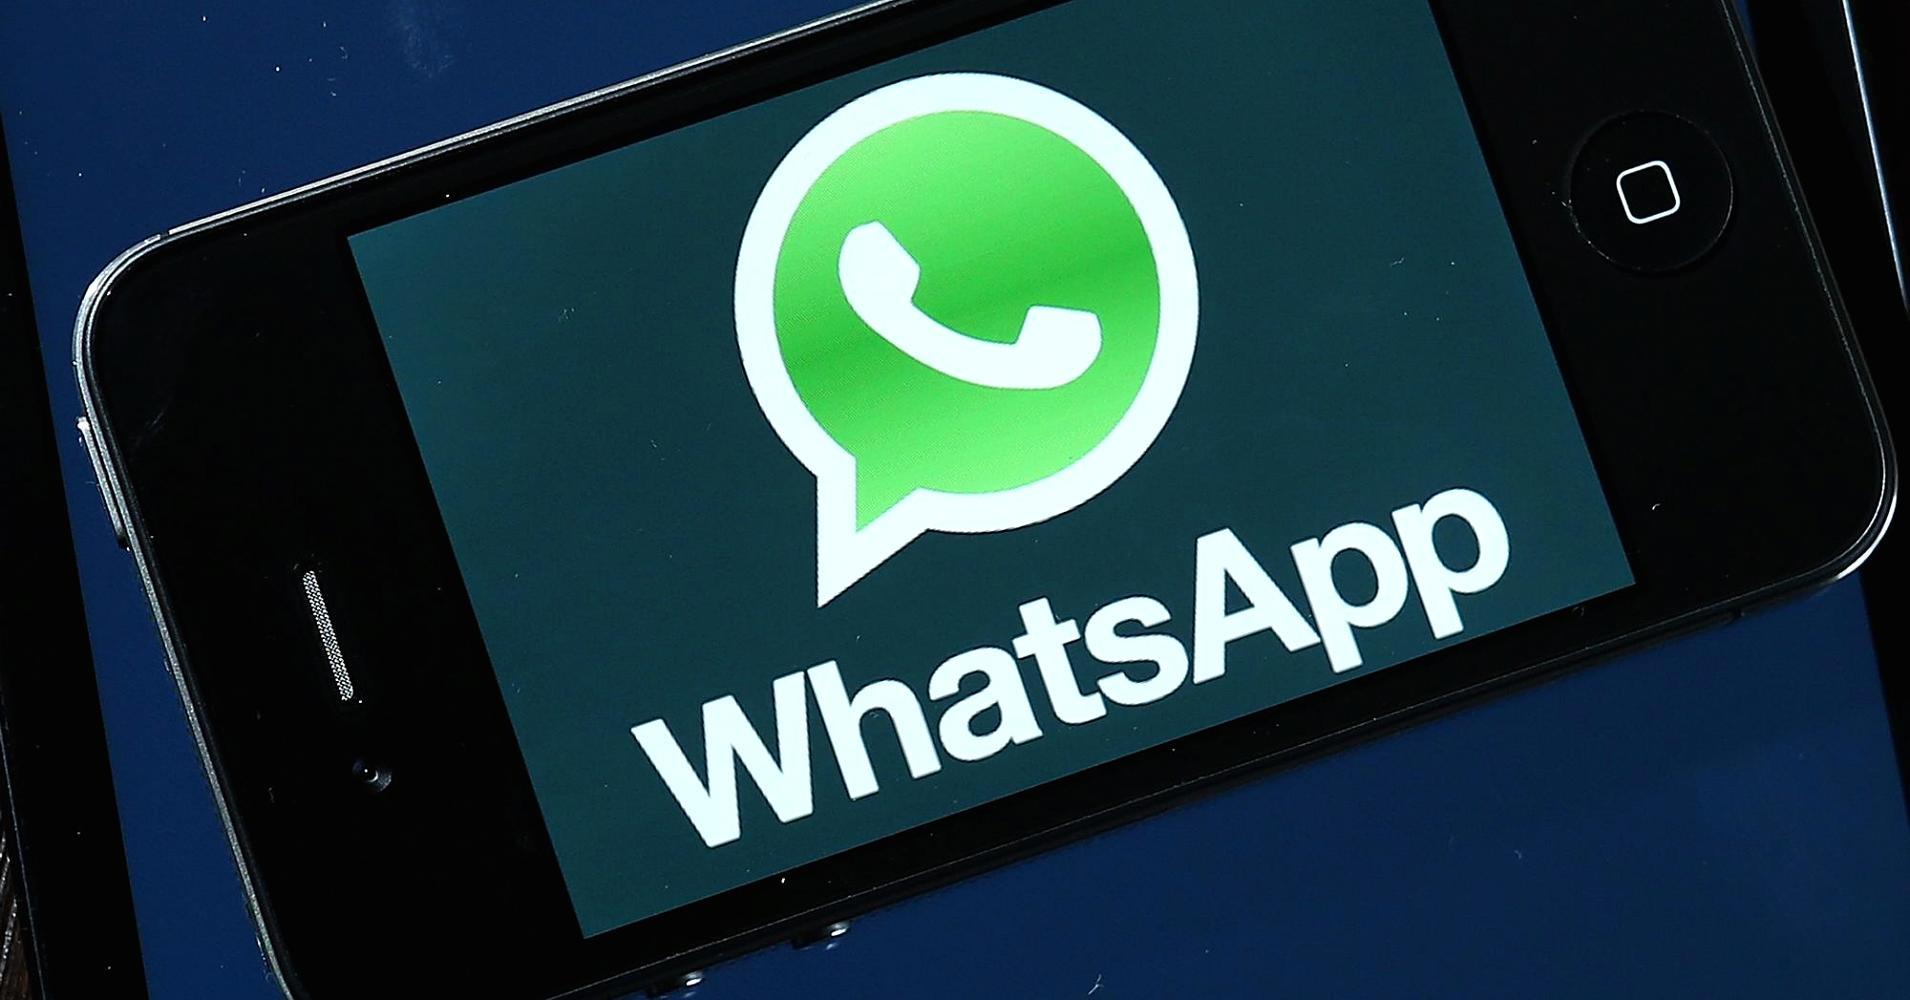 واتساپ قابلیت ویرایش و حذف پیام های ارسالی کاربران را به سرویس خود اضافه می کند